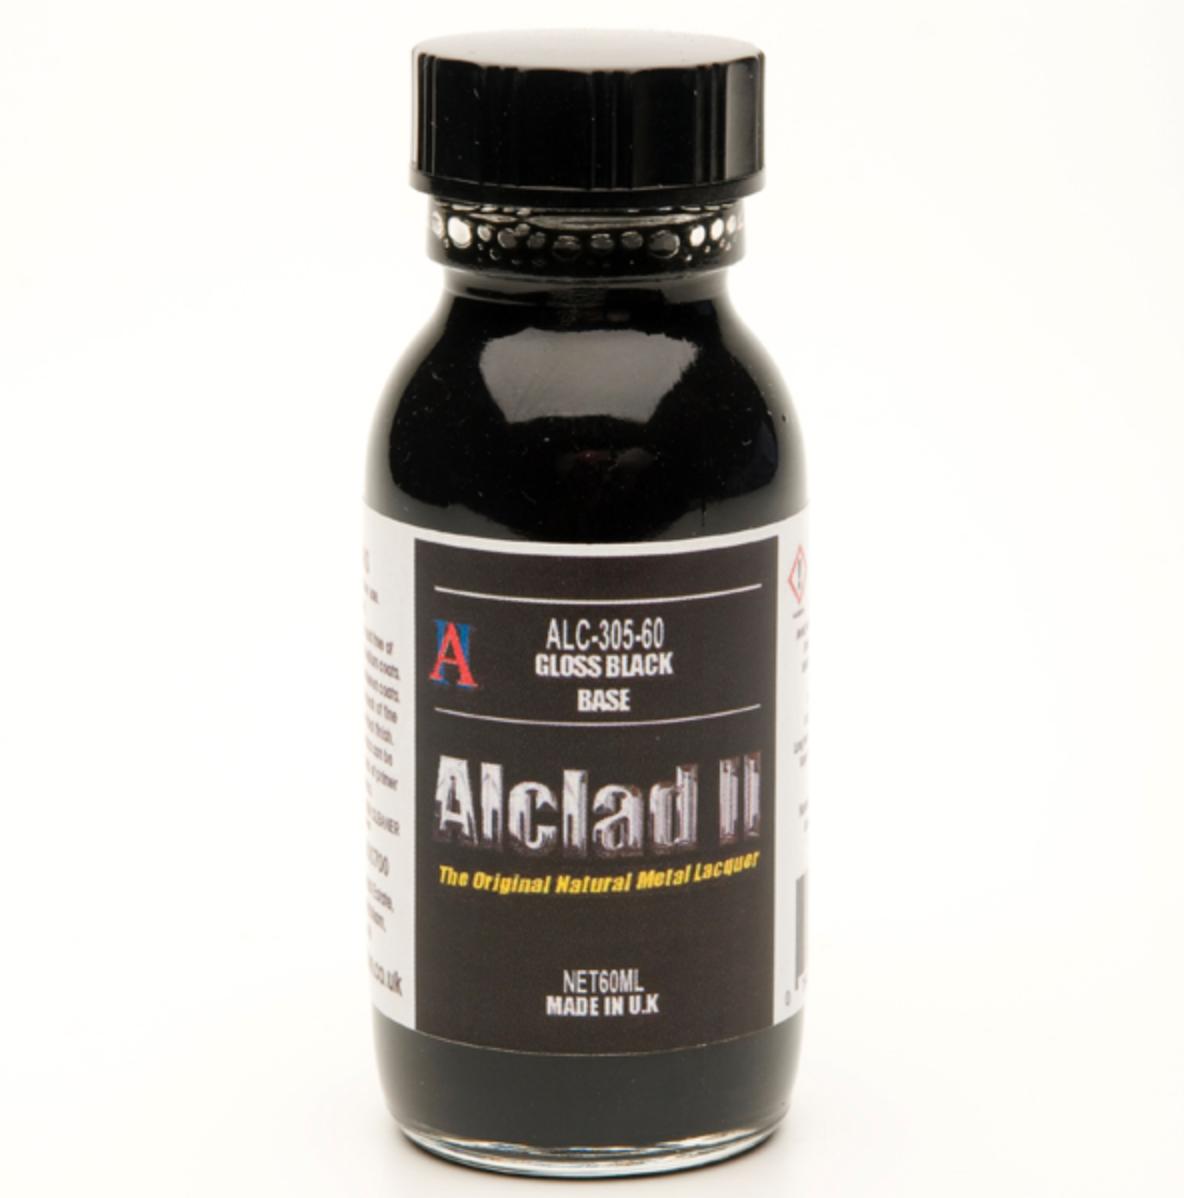 ALC305-60